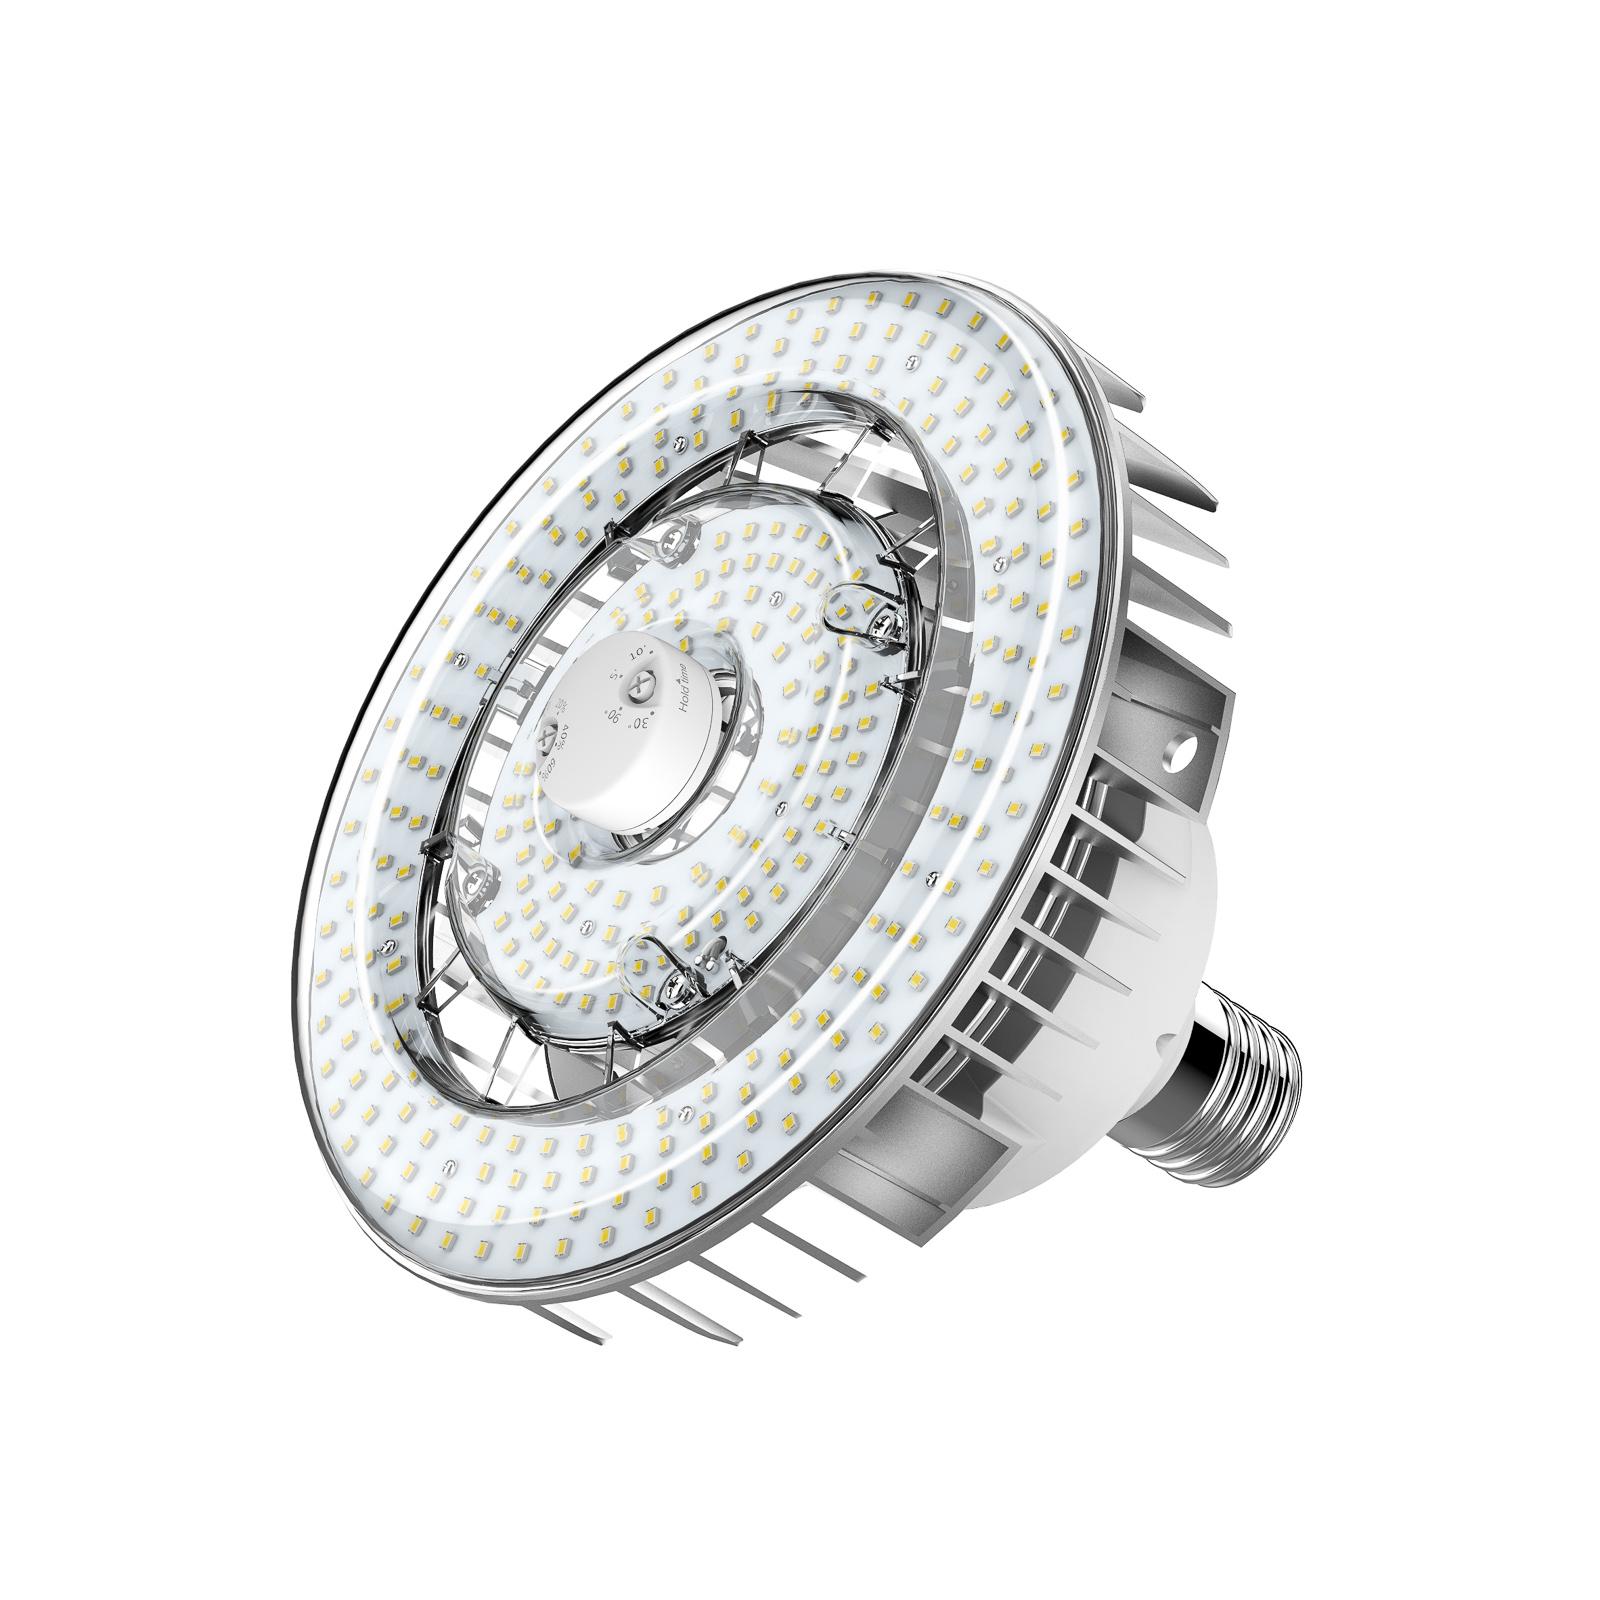 Sylvania LED-pære E40 inkl. PIR-sensor 115W 4000K